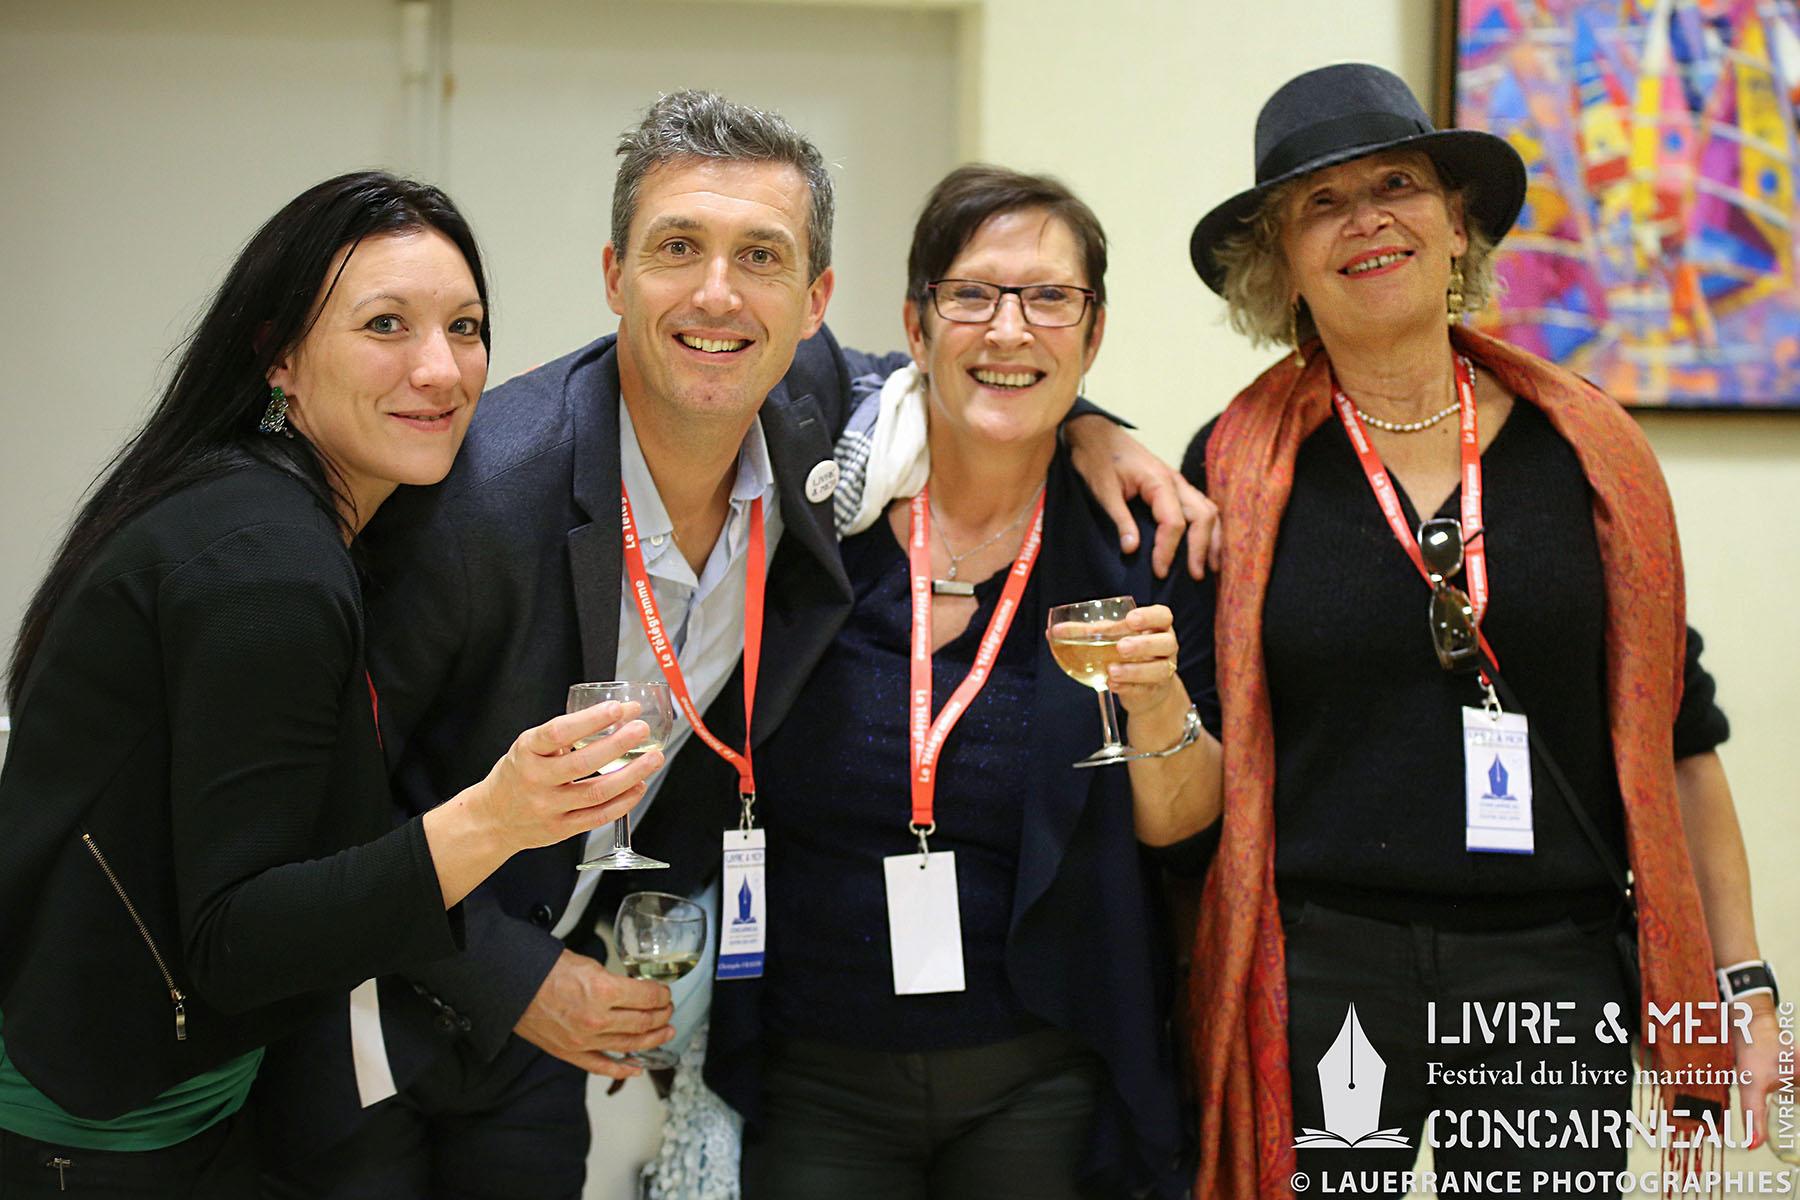 Audrey, Christophe, Mado & Josseline Kerbonne © Lauerrance Photographies